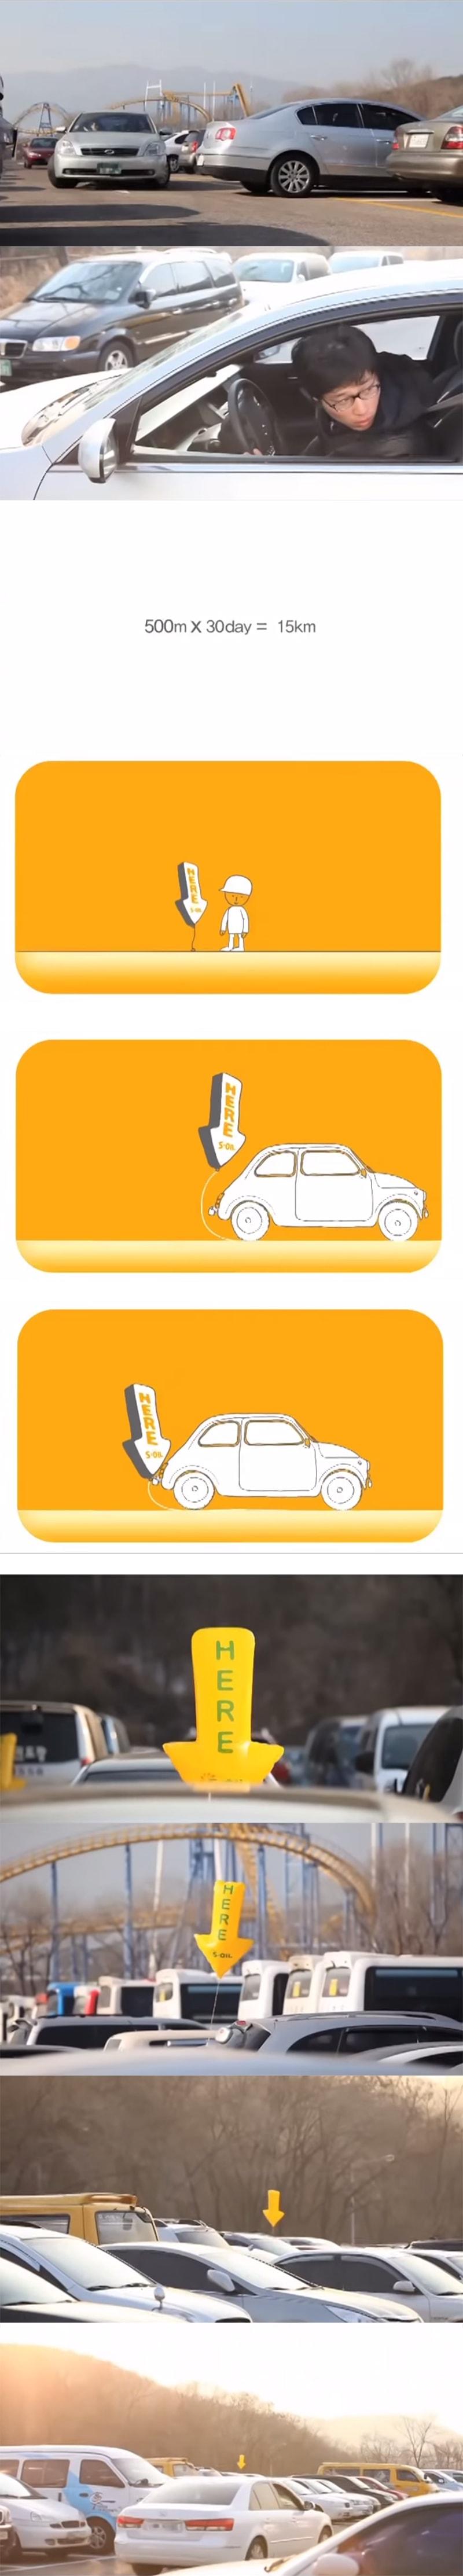 solucao estacionamento